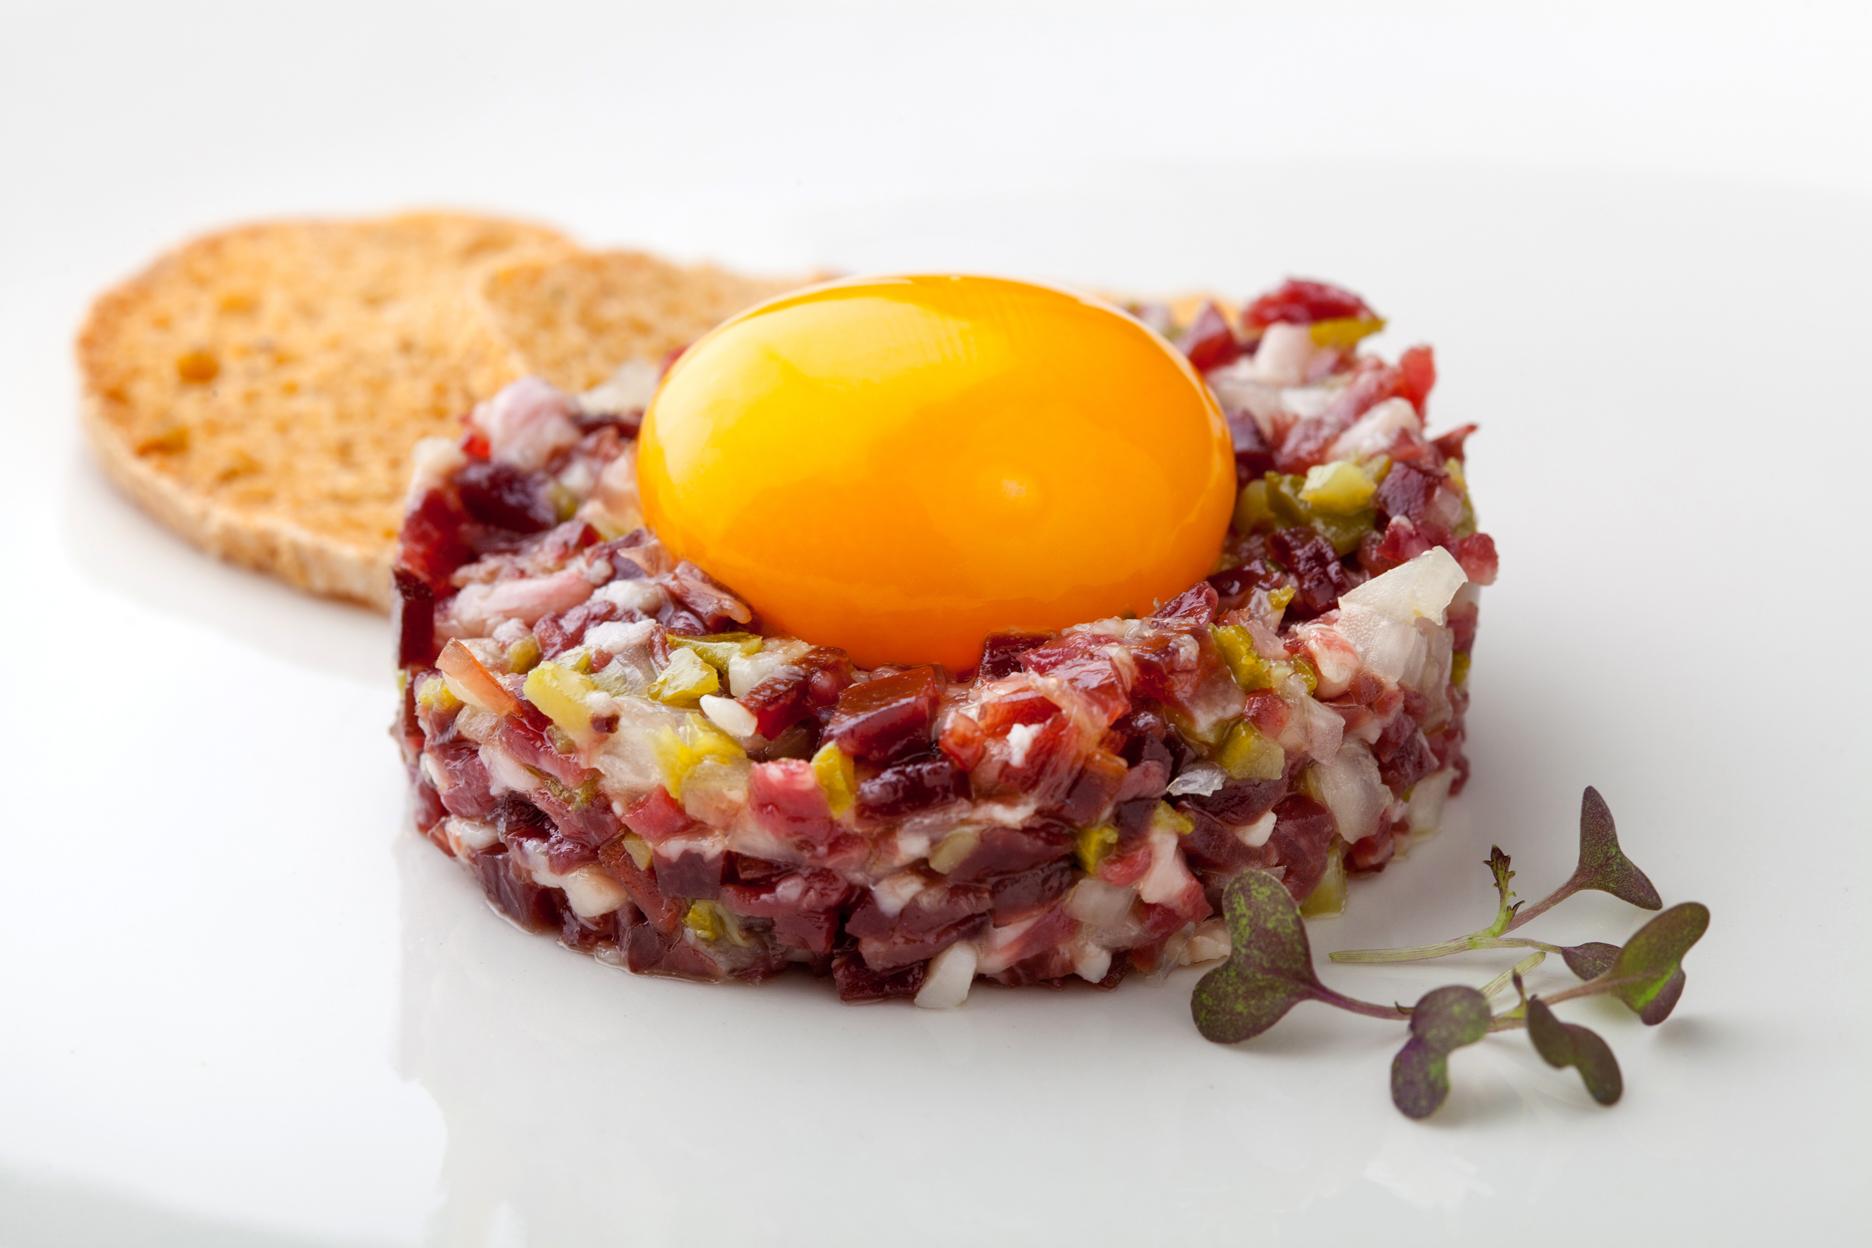 Tartar de jam n ib rico otro forma de presentar este - Platos con jamon iberico ...